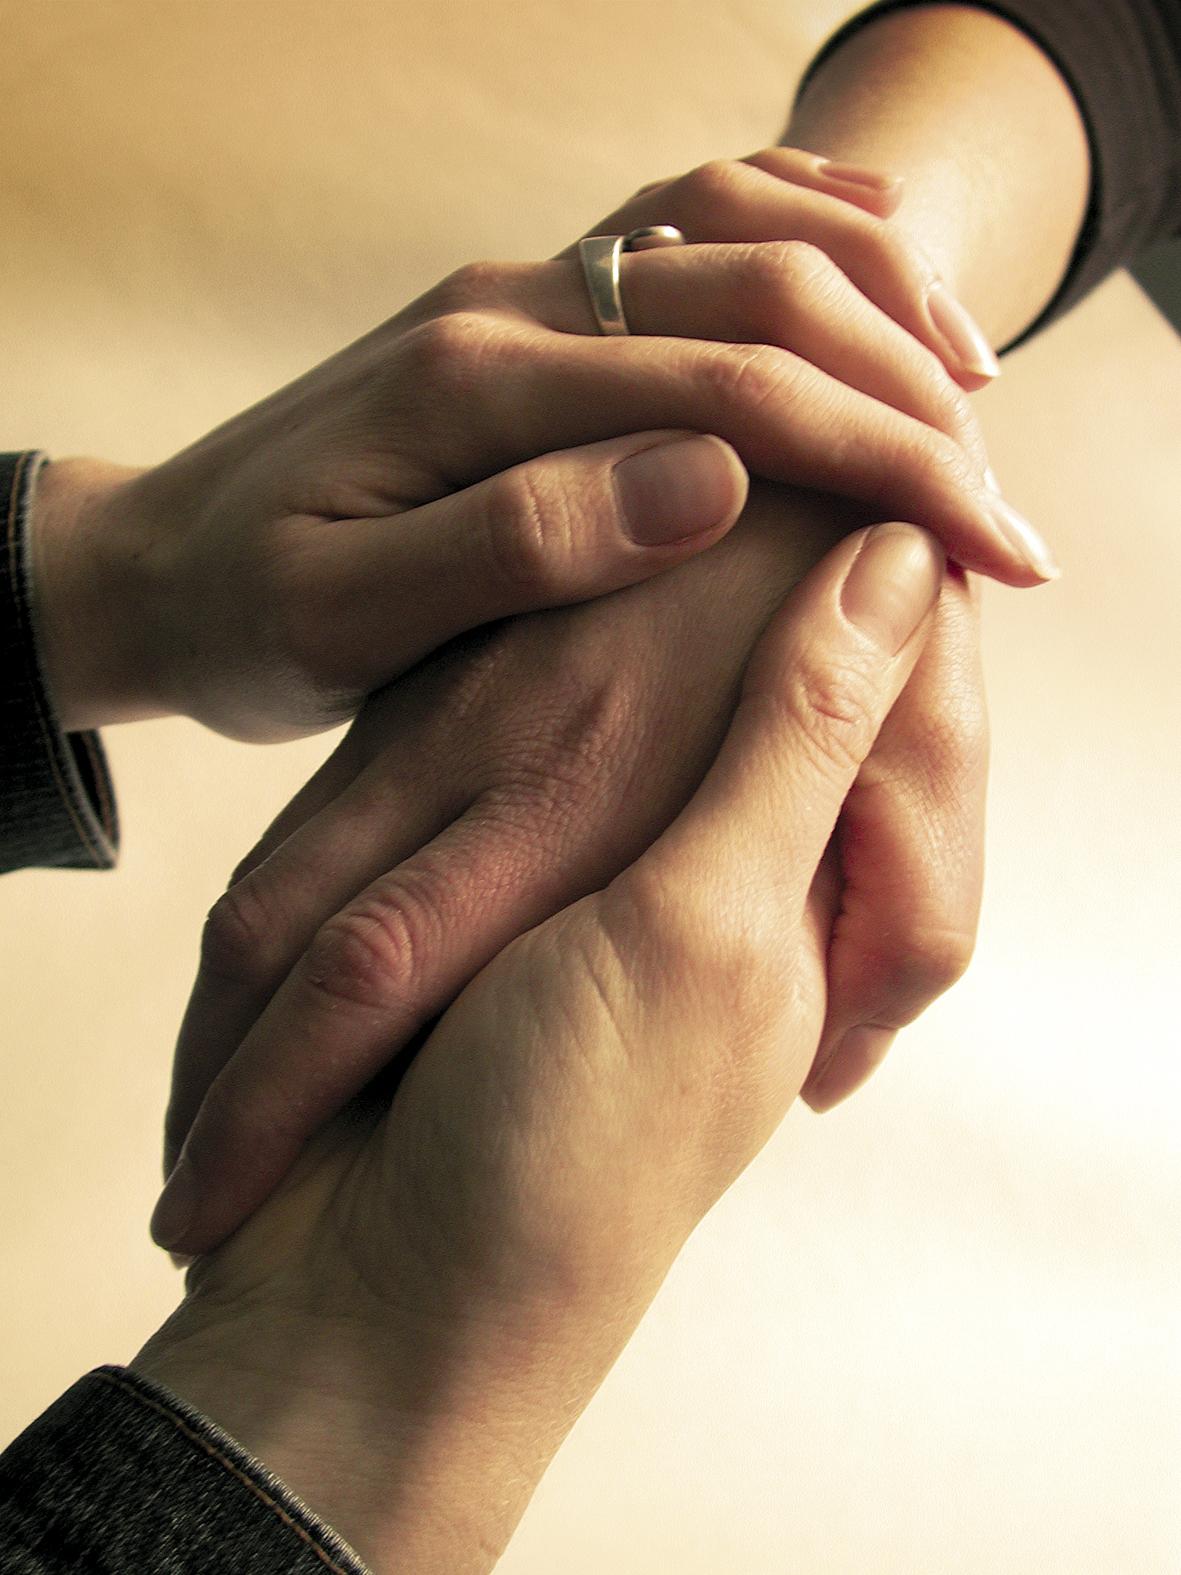 hands-1528222.jpg